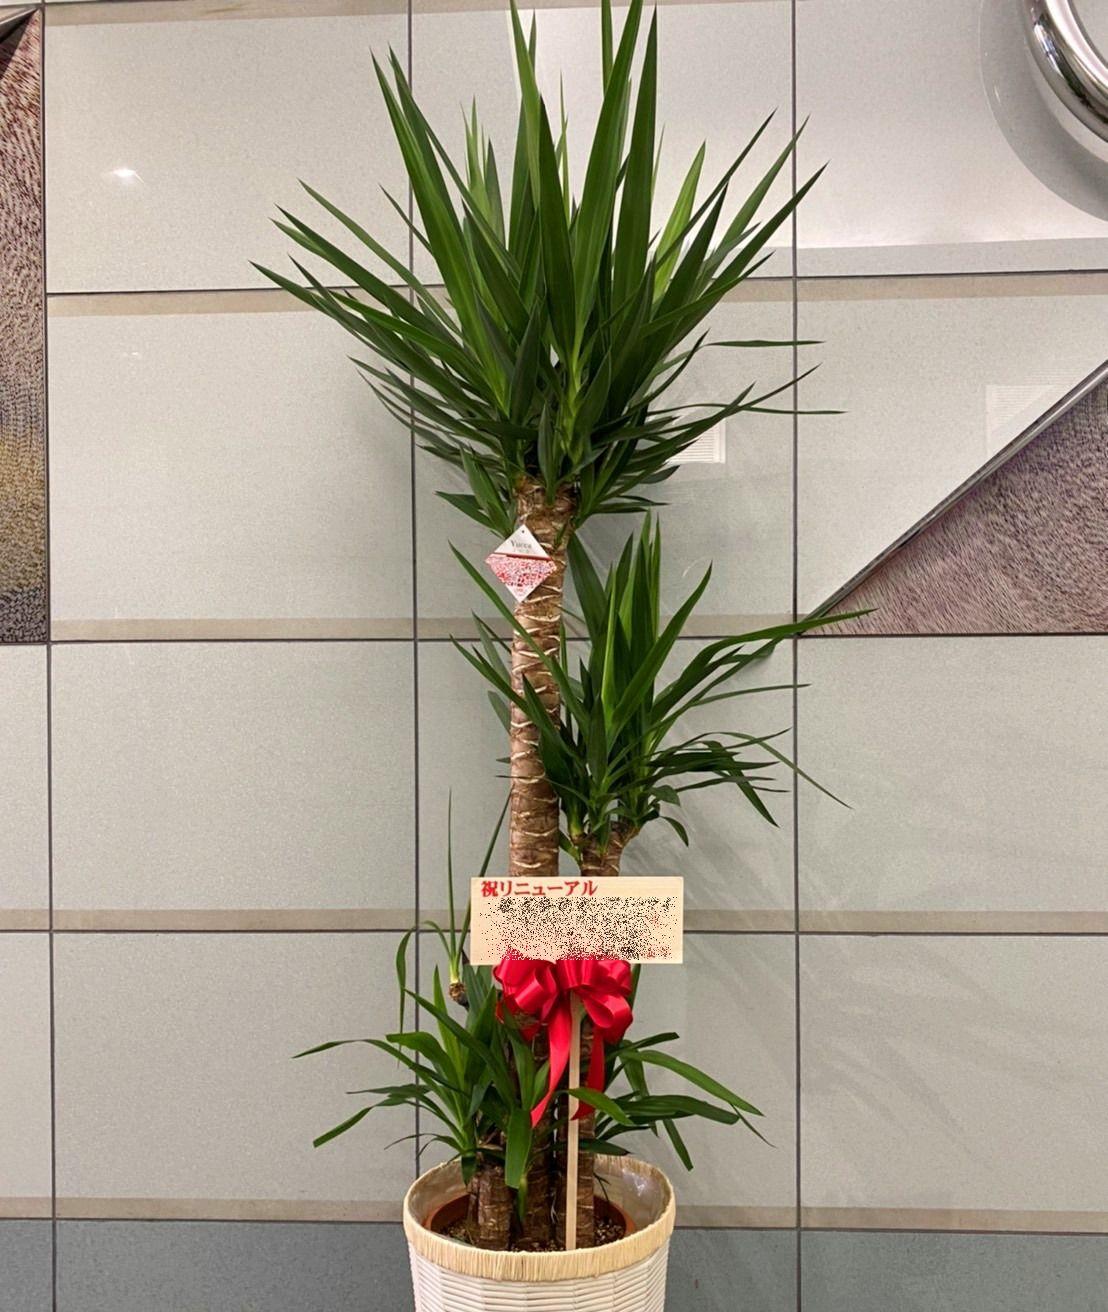 横浜市港北区新横浜へ観葉植物を配達しました。【横浜花屋の花束・スタンド花・胡蝶蘭・バルーン・アレンジメント配達事例720】